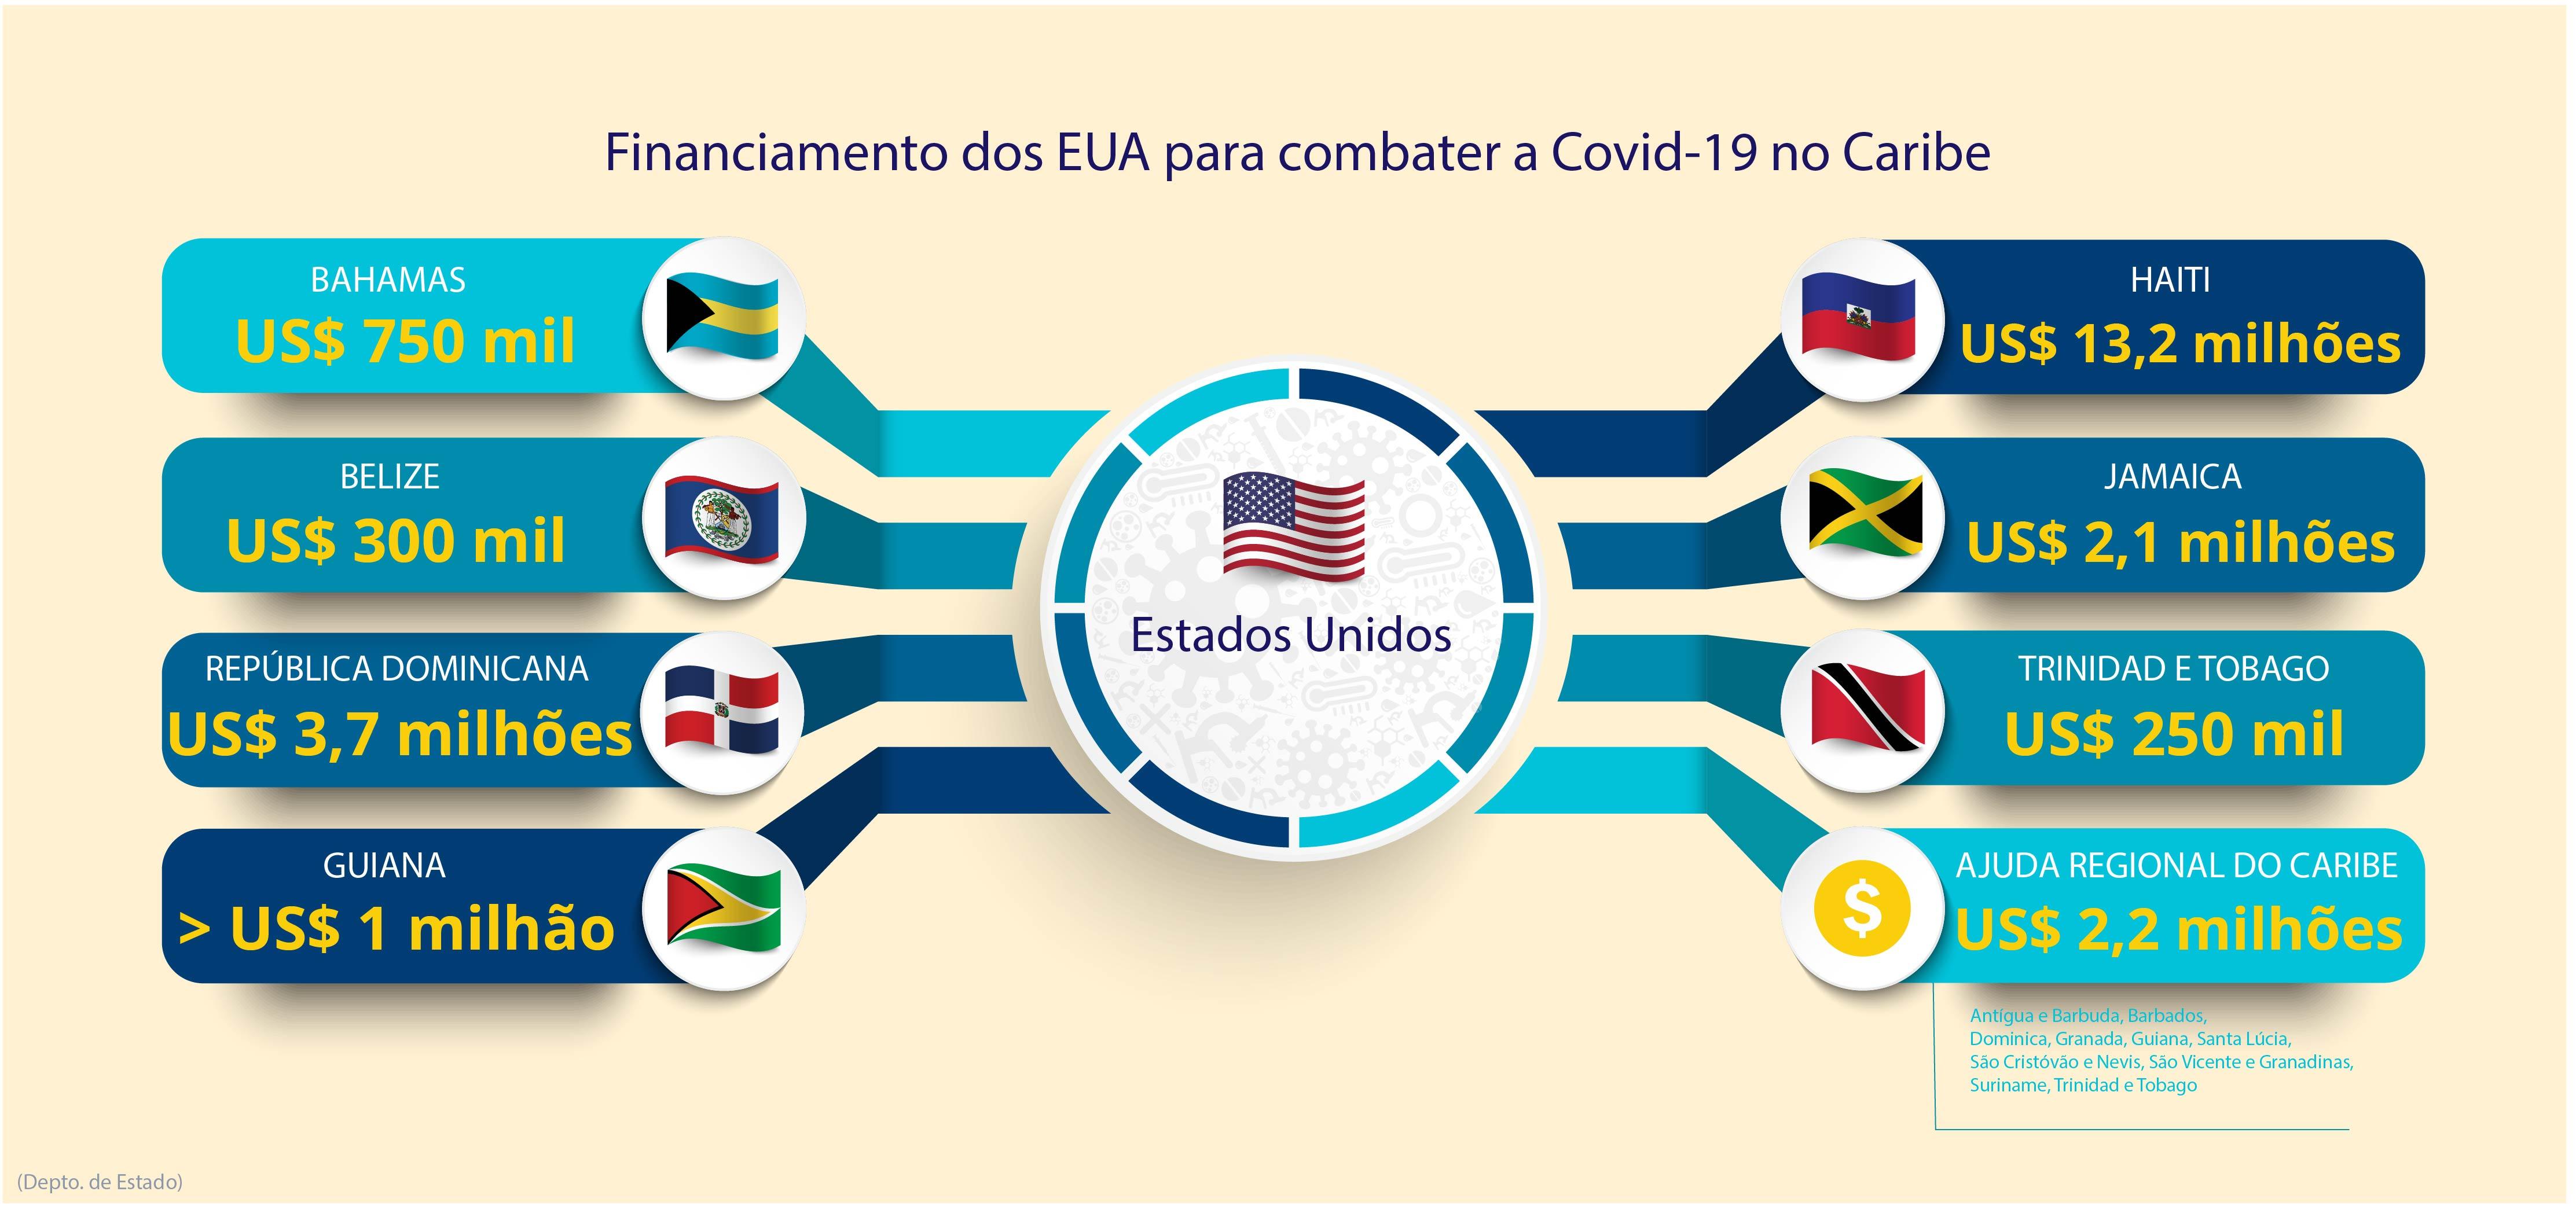 Gráfico mostra o financiamento dos EUA para combater a Covid-19 no Caribe (Depto. de Estado/M. Rios)